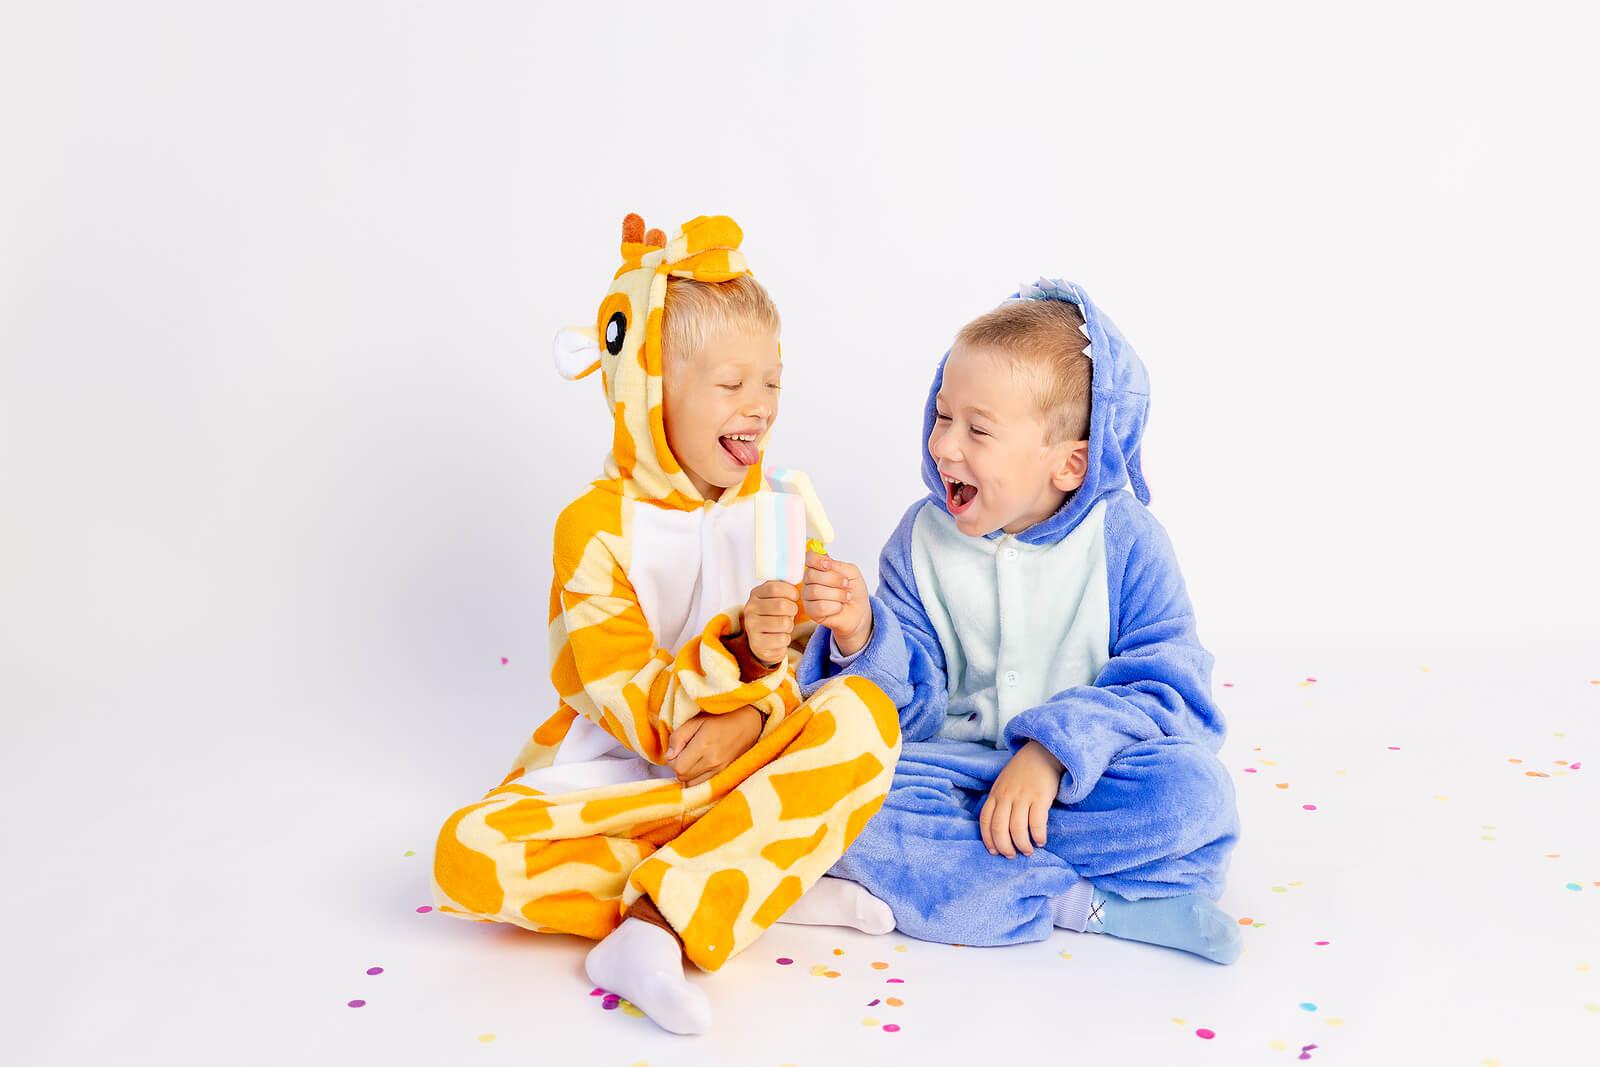 Los niños aprenden muchas cosas cuando se disfrazan.